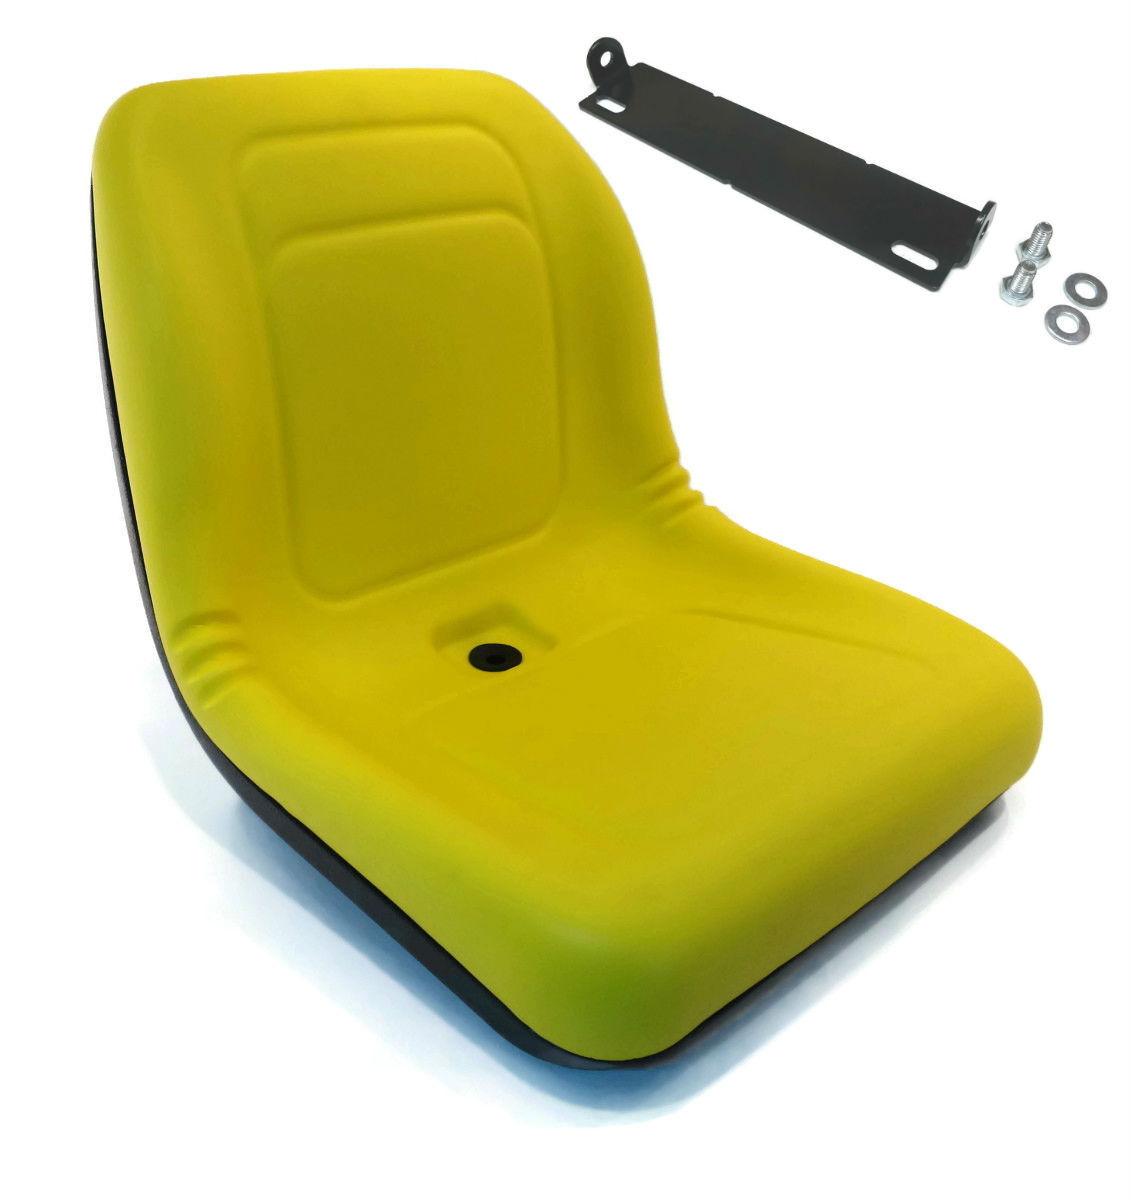 Nuevo Amarillo alto asiento trasero con Soporte de Barra de pivote para John Deere 655 755 756 855